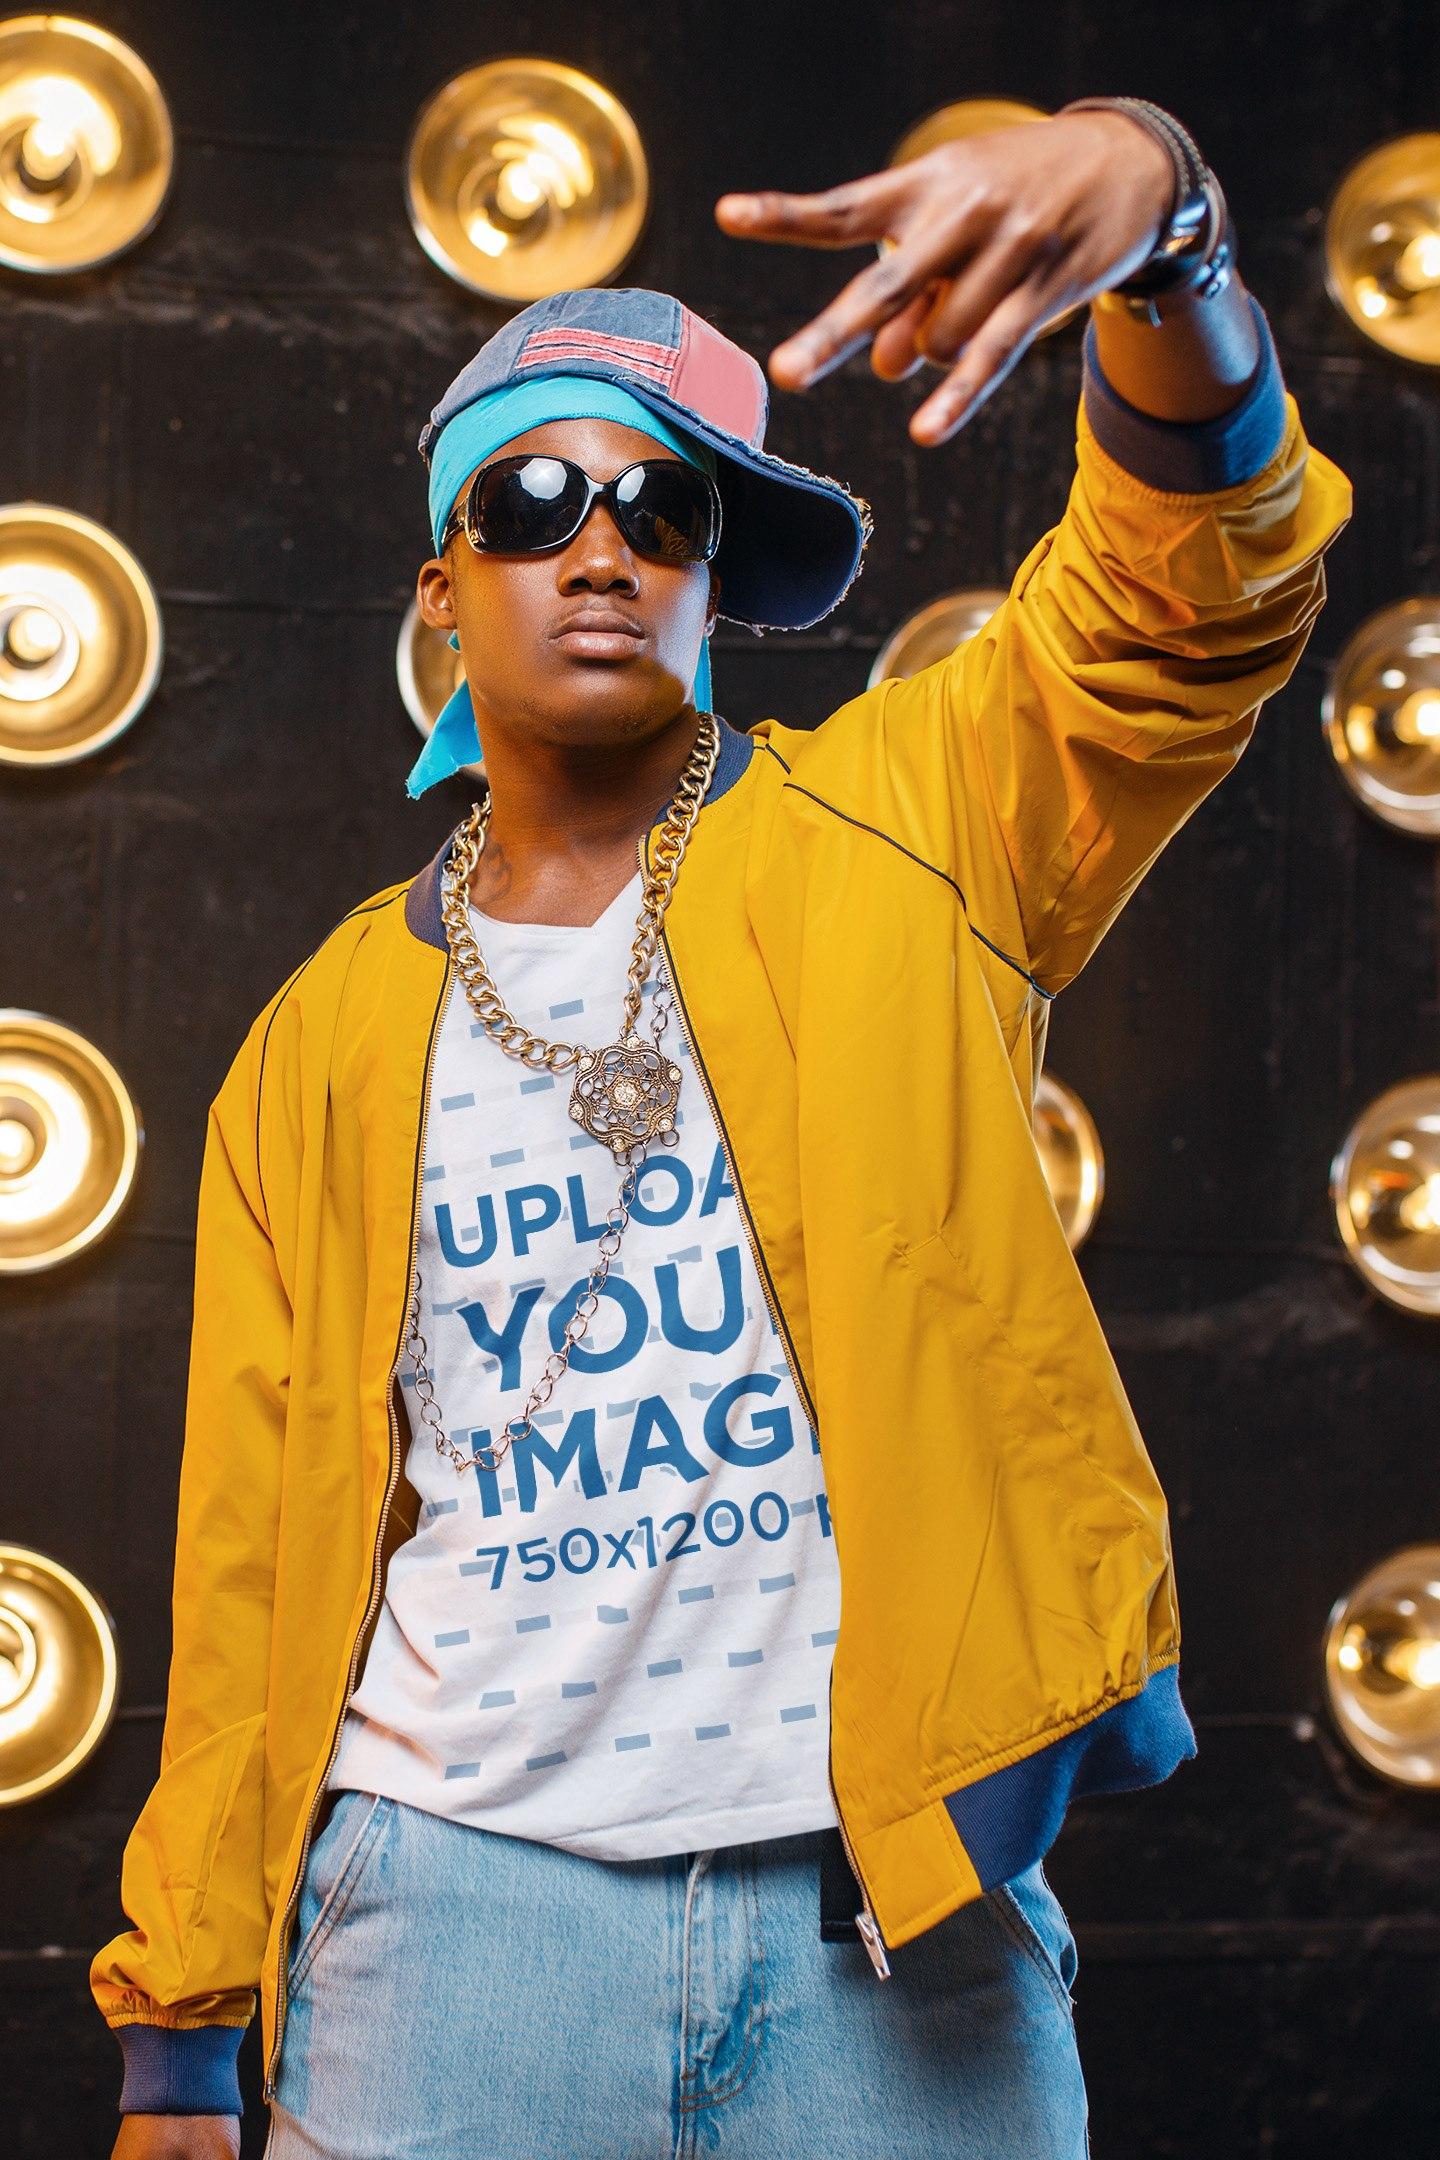 V-Neck Tee Mockup Featuring a Rapper Doing a Hand Gesture 40892-r-el2